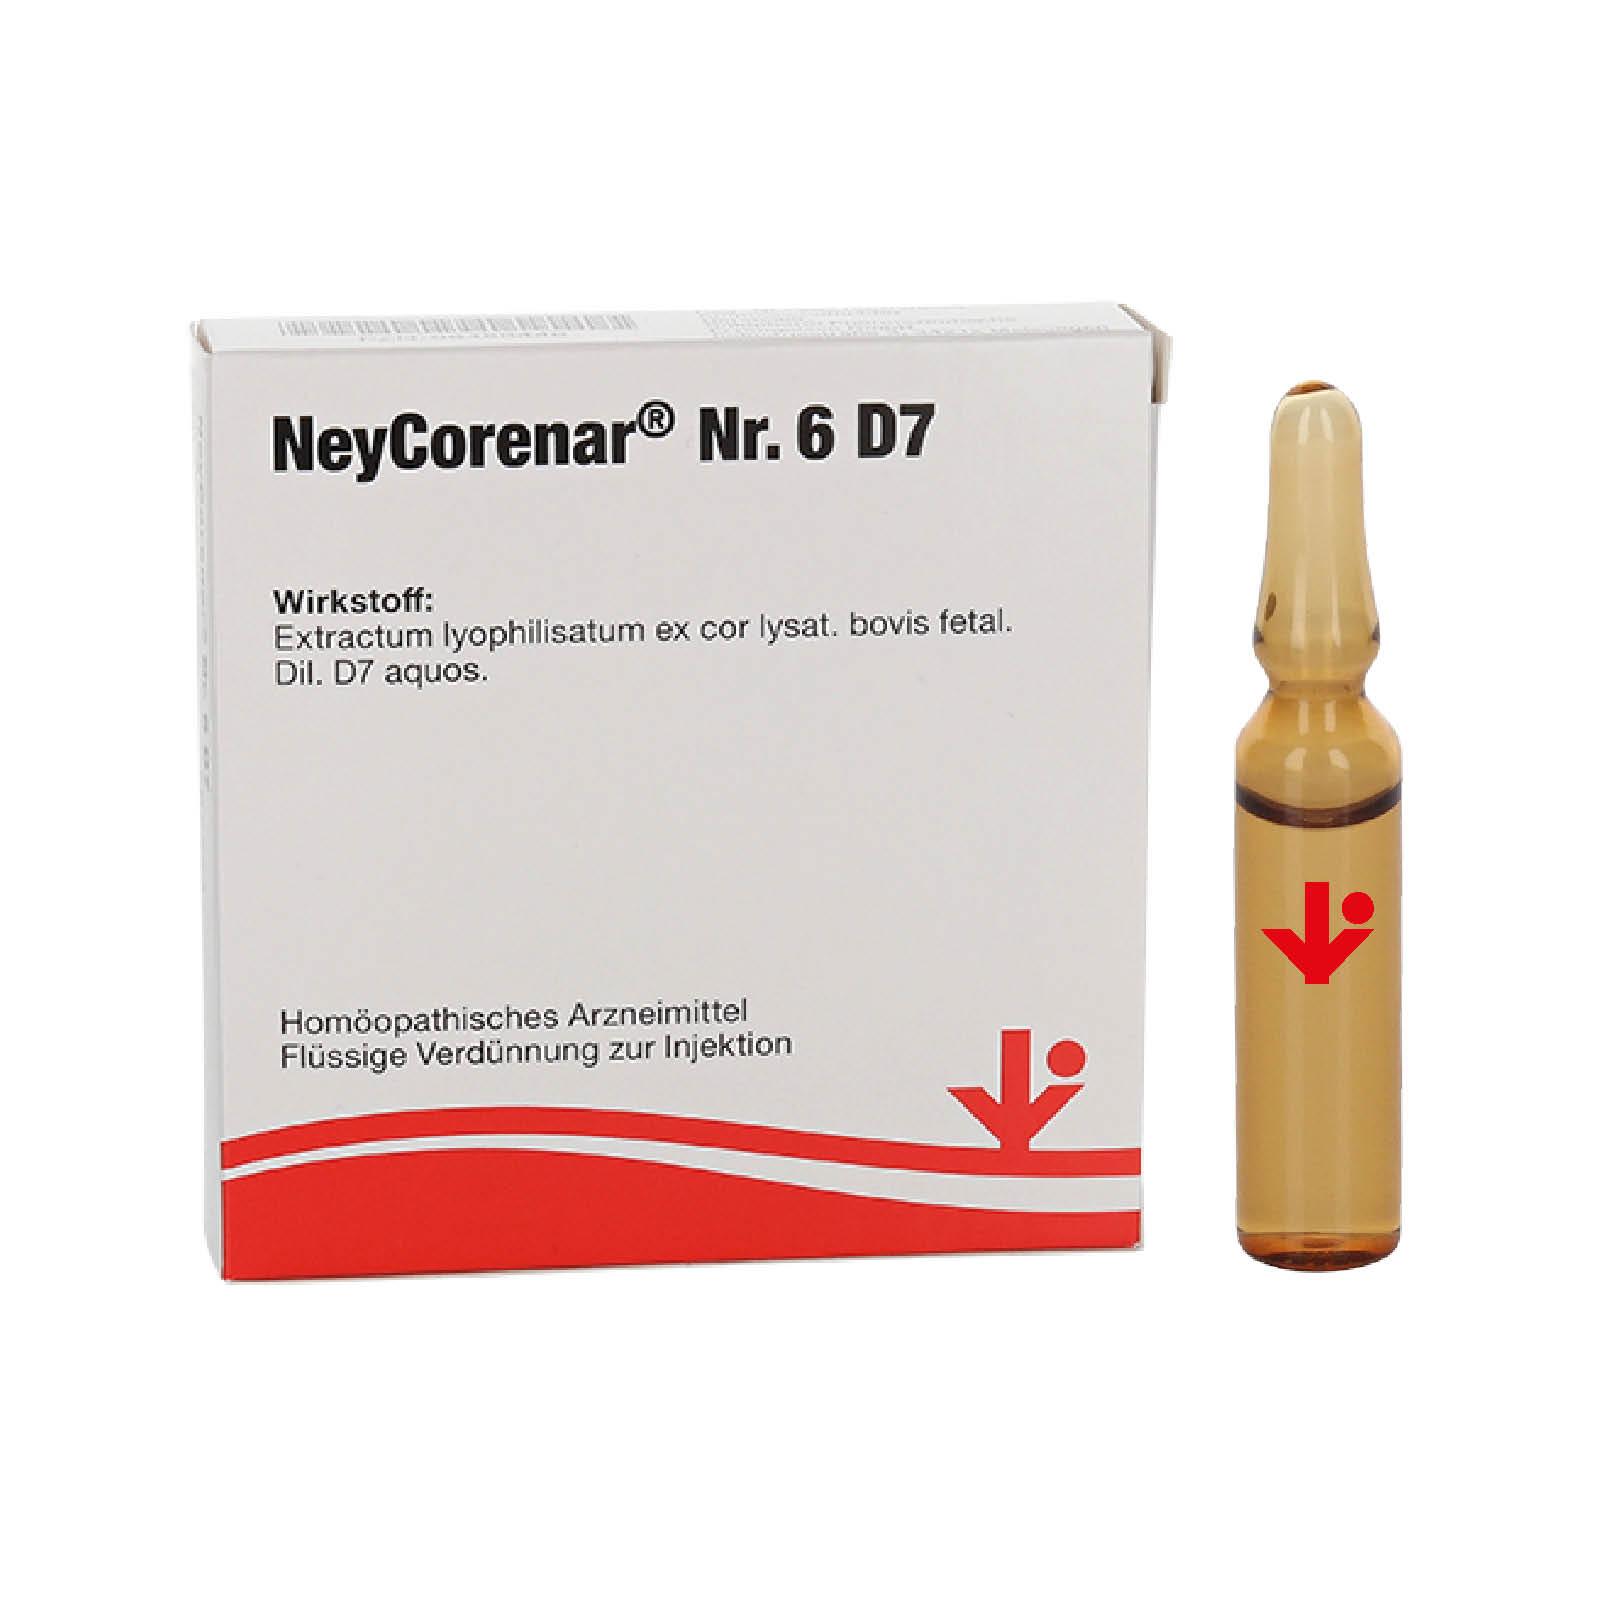 NeyCorenar® Nr. 6 D7